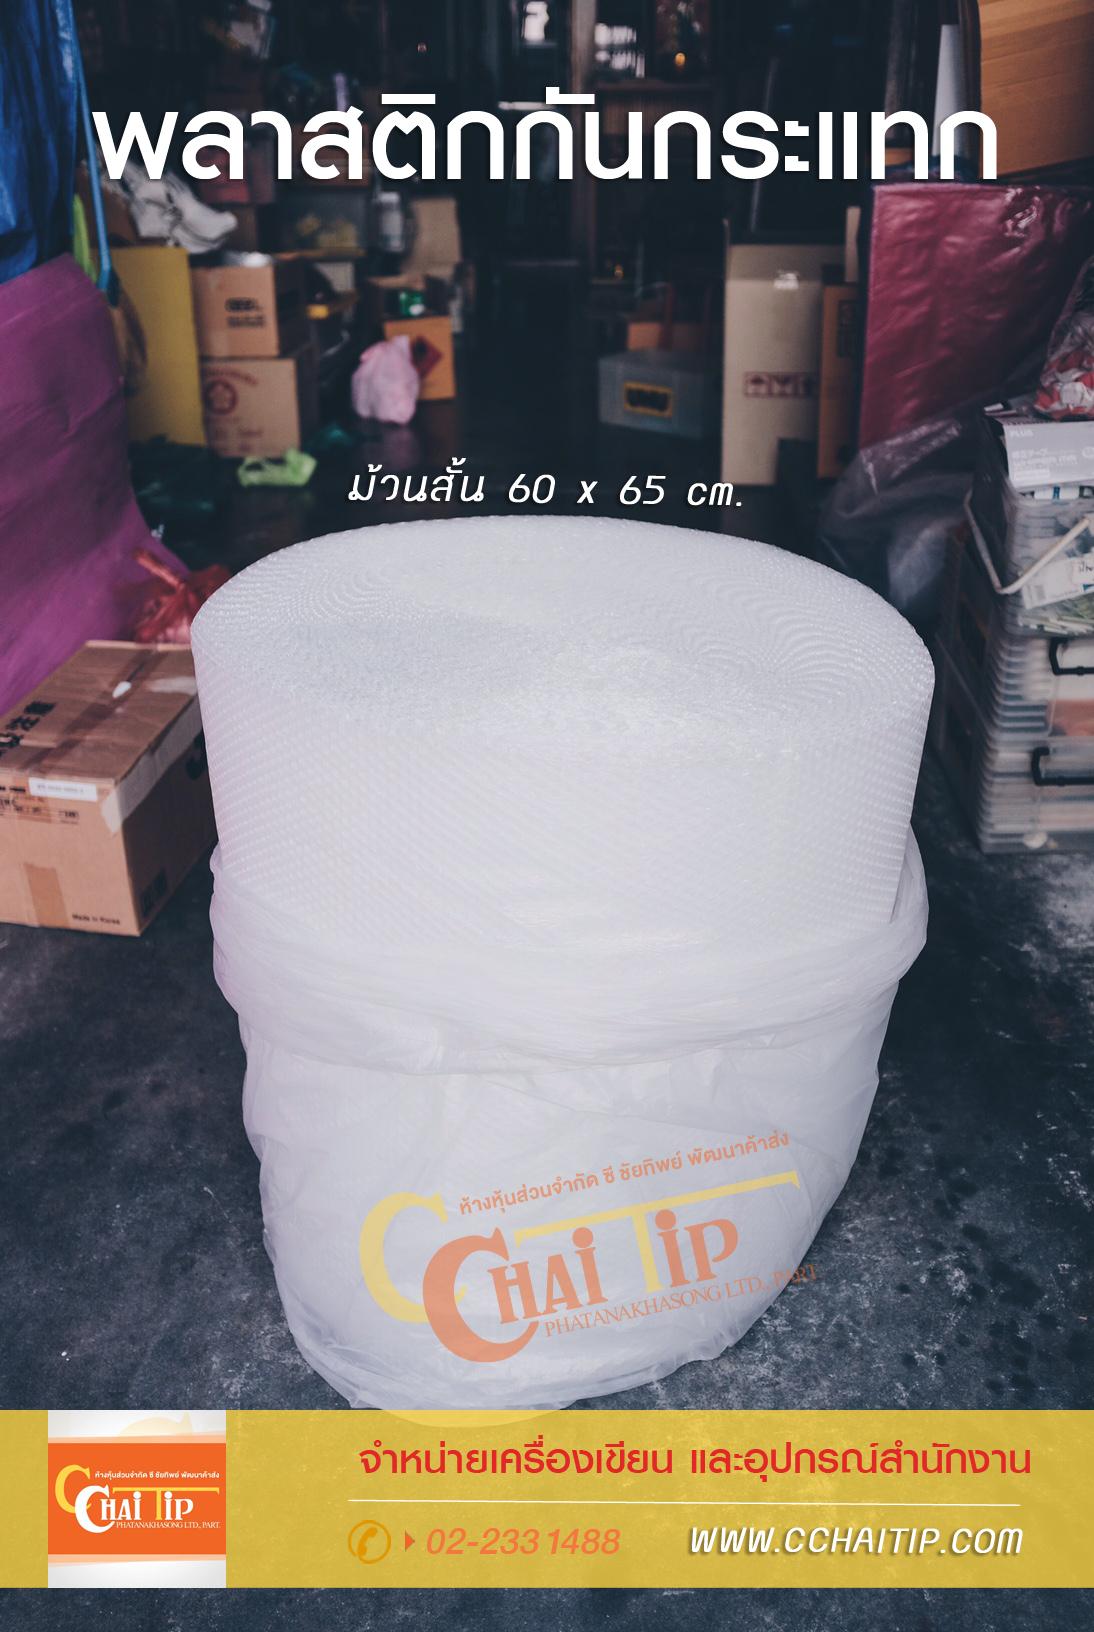 พลาสติกกันกระแทก ม้วนสั้น (60x65 cm.)